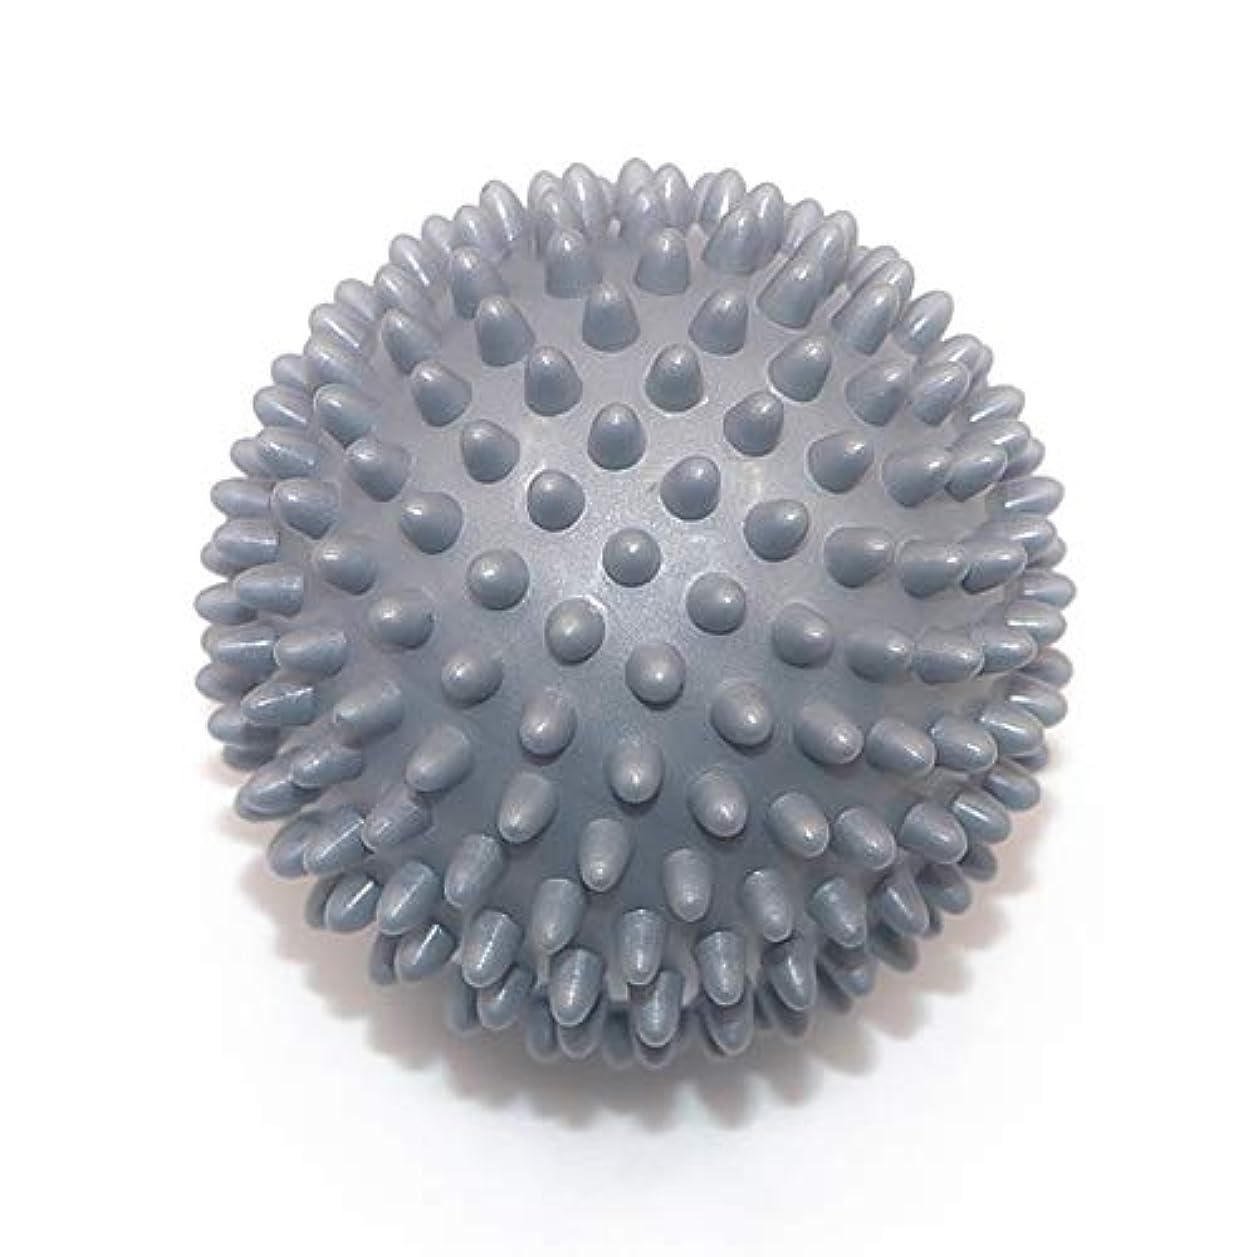 非効率的な満了楽しむLiti マッサージボール リハビリ 触覚ボール リフレクションボール 筋膜リリース リハビリ マッサージ用 グレー